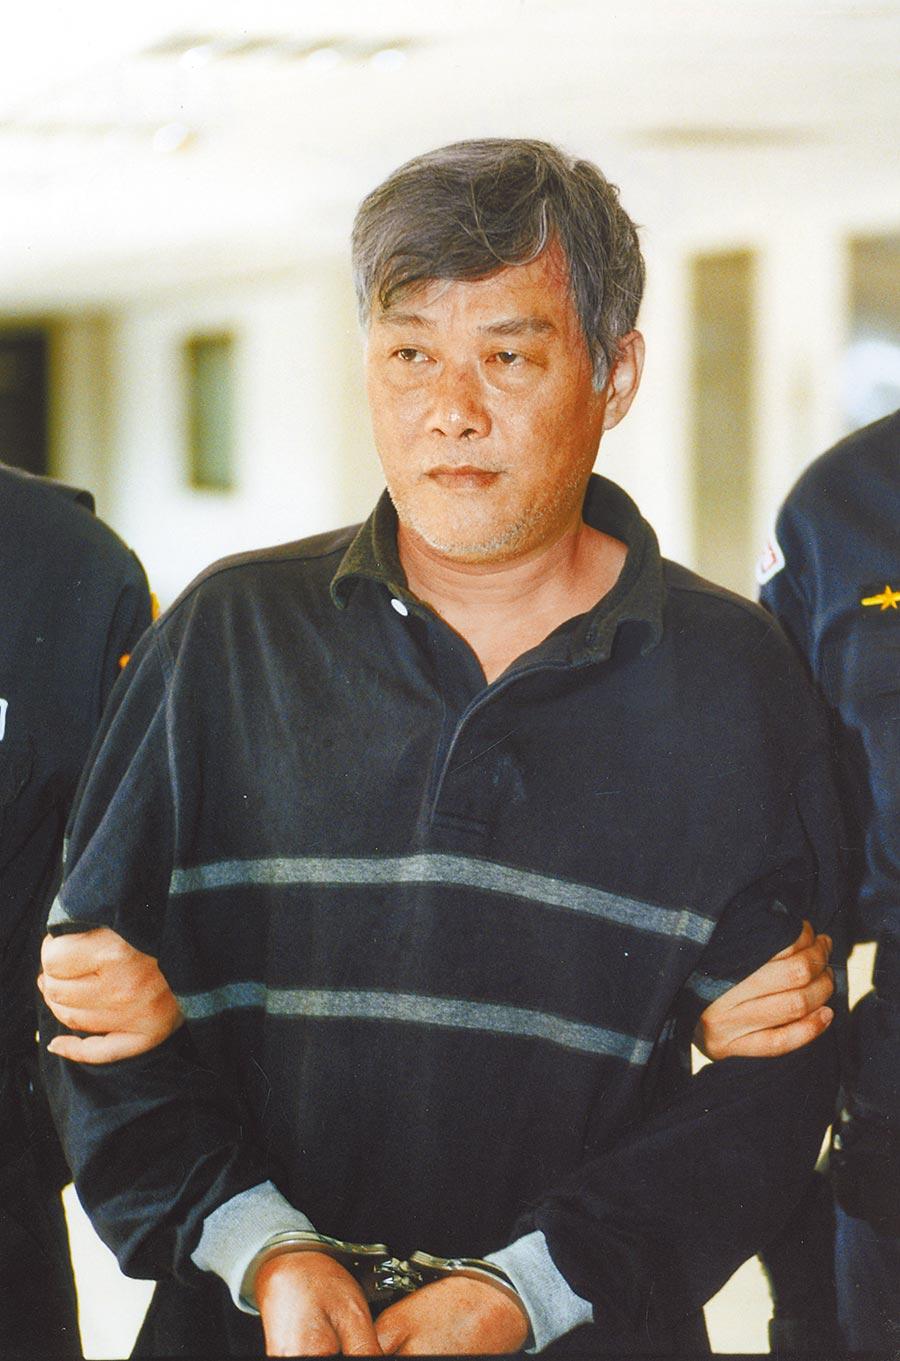 涉及多起綁架勒贖案的詹龍欄,服刑18年多後,低調出獄。(本報資料照片)